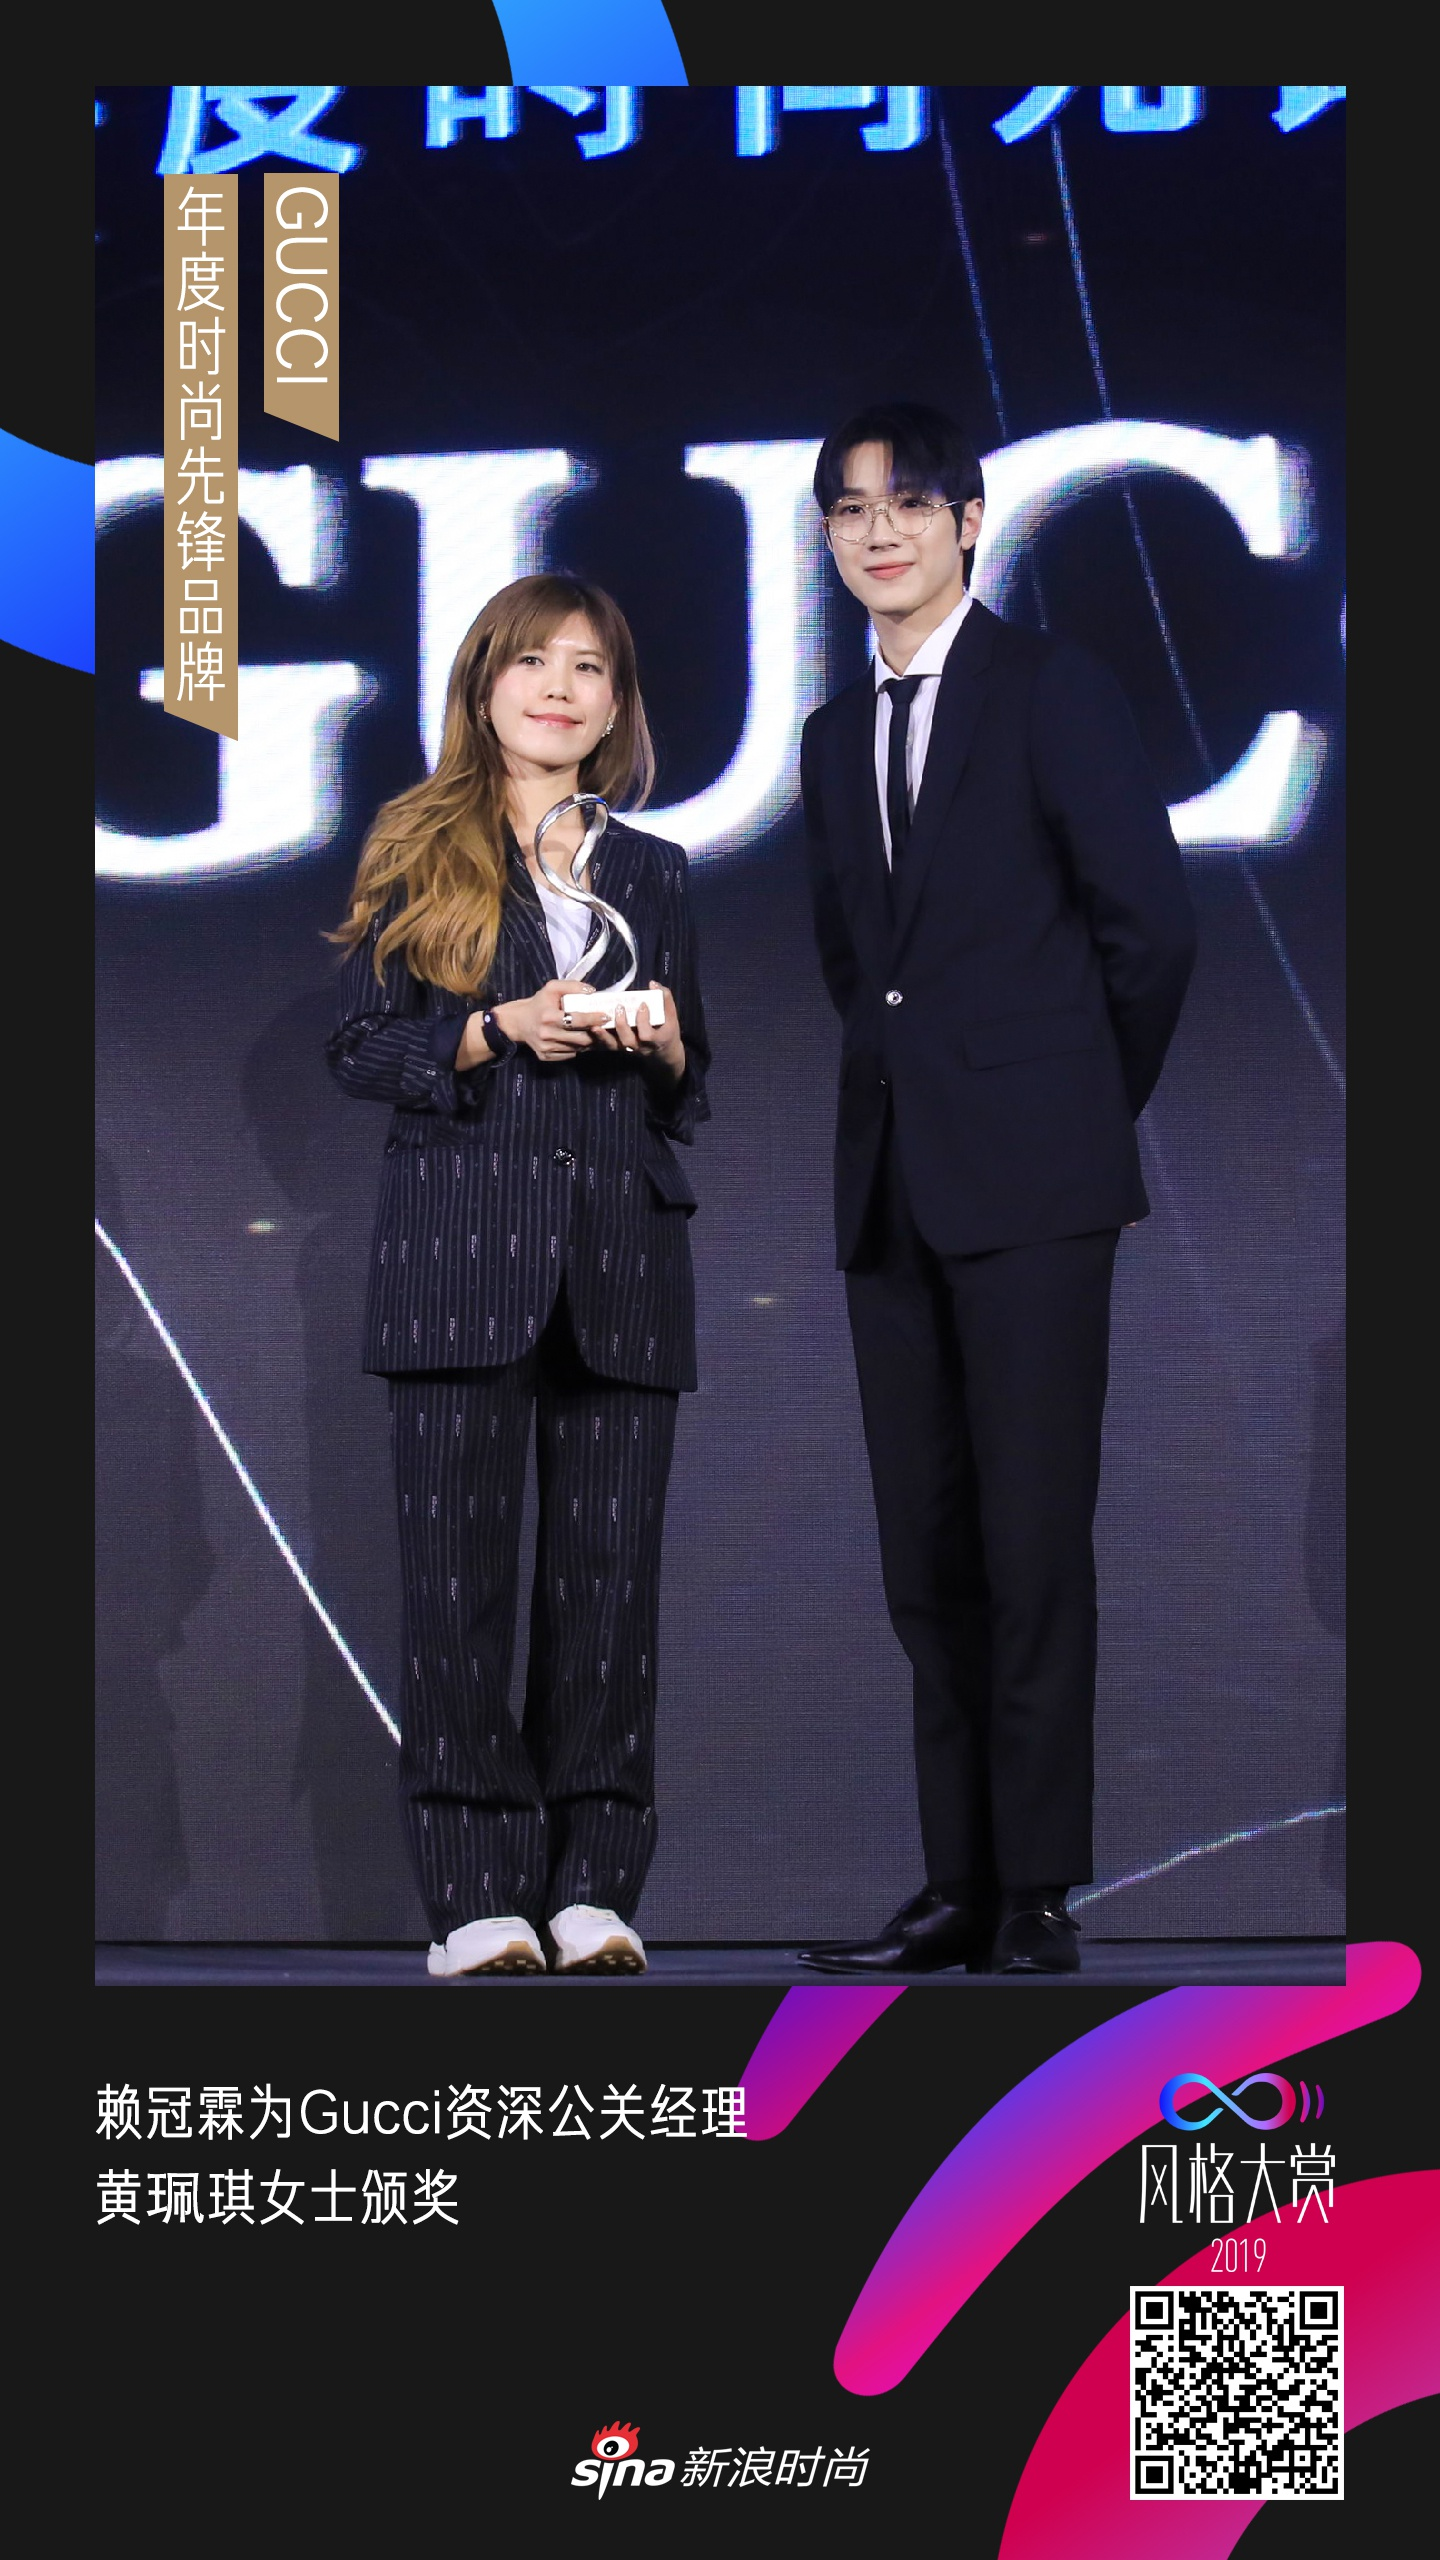 """赖冠霖上台为获得""""年度时尚先锋品牌""""的GUCCI颁奖"""